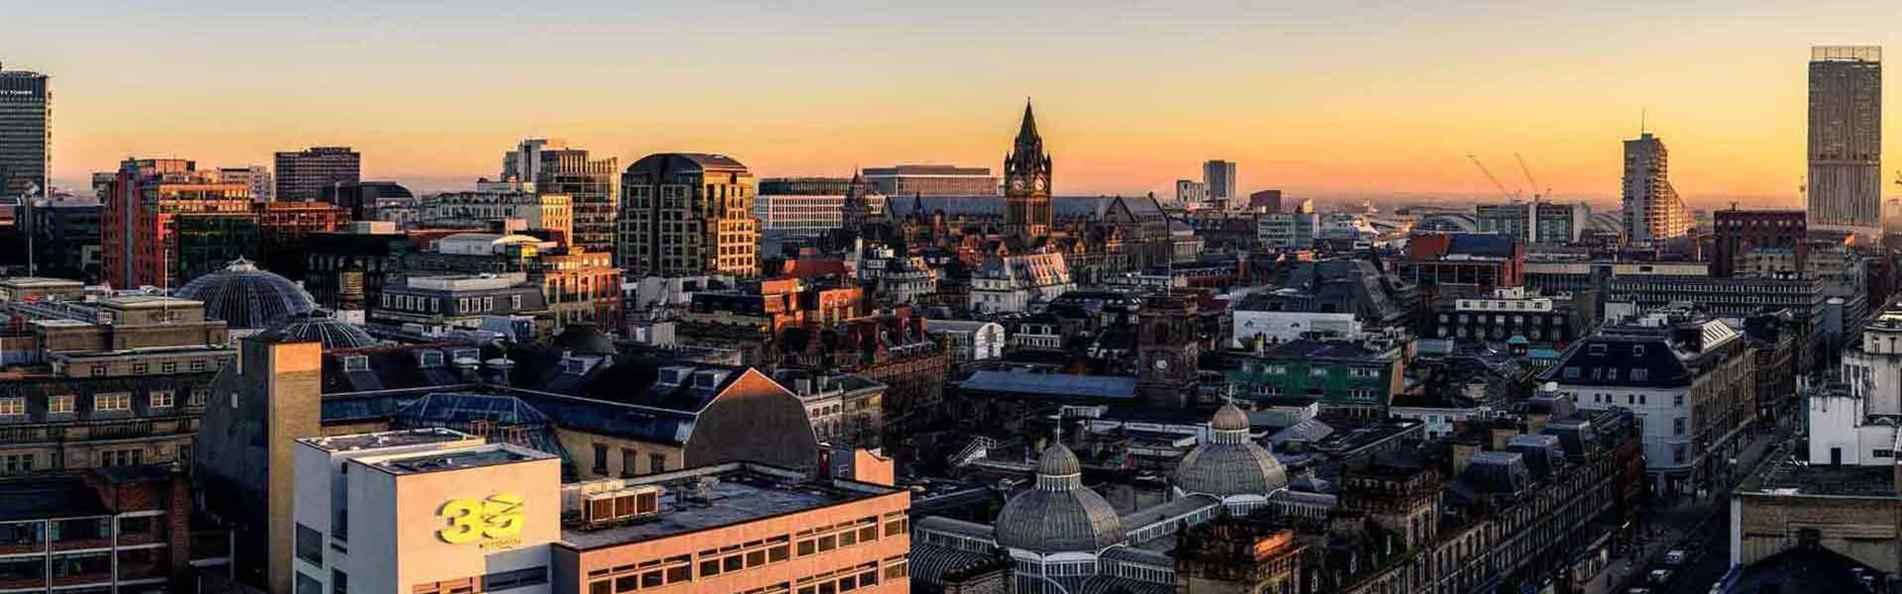 Đường chân trời tại Manchester, Anh quốc